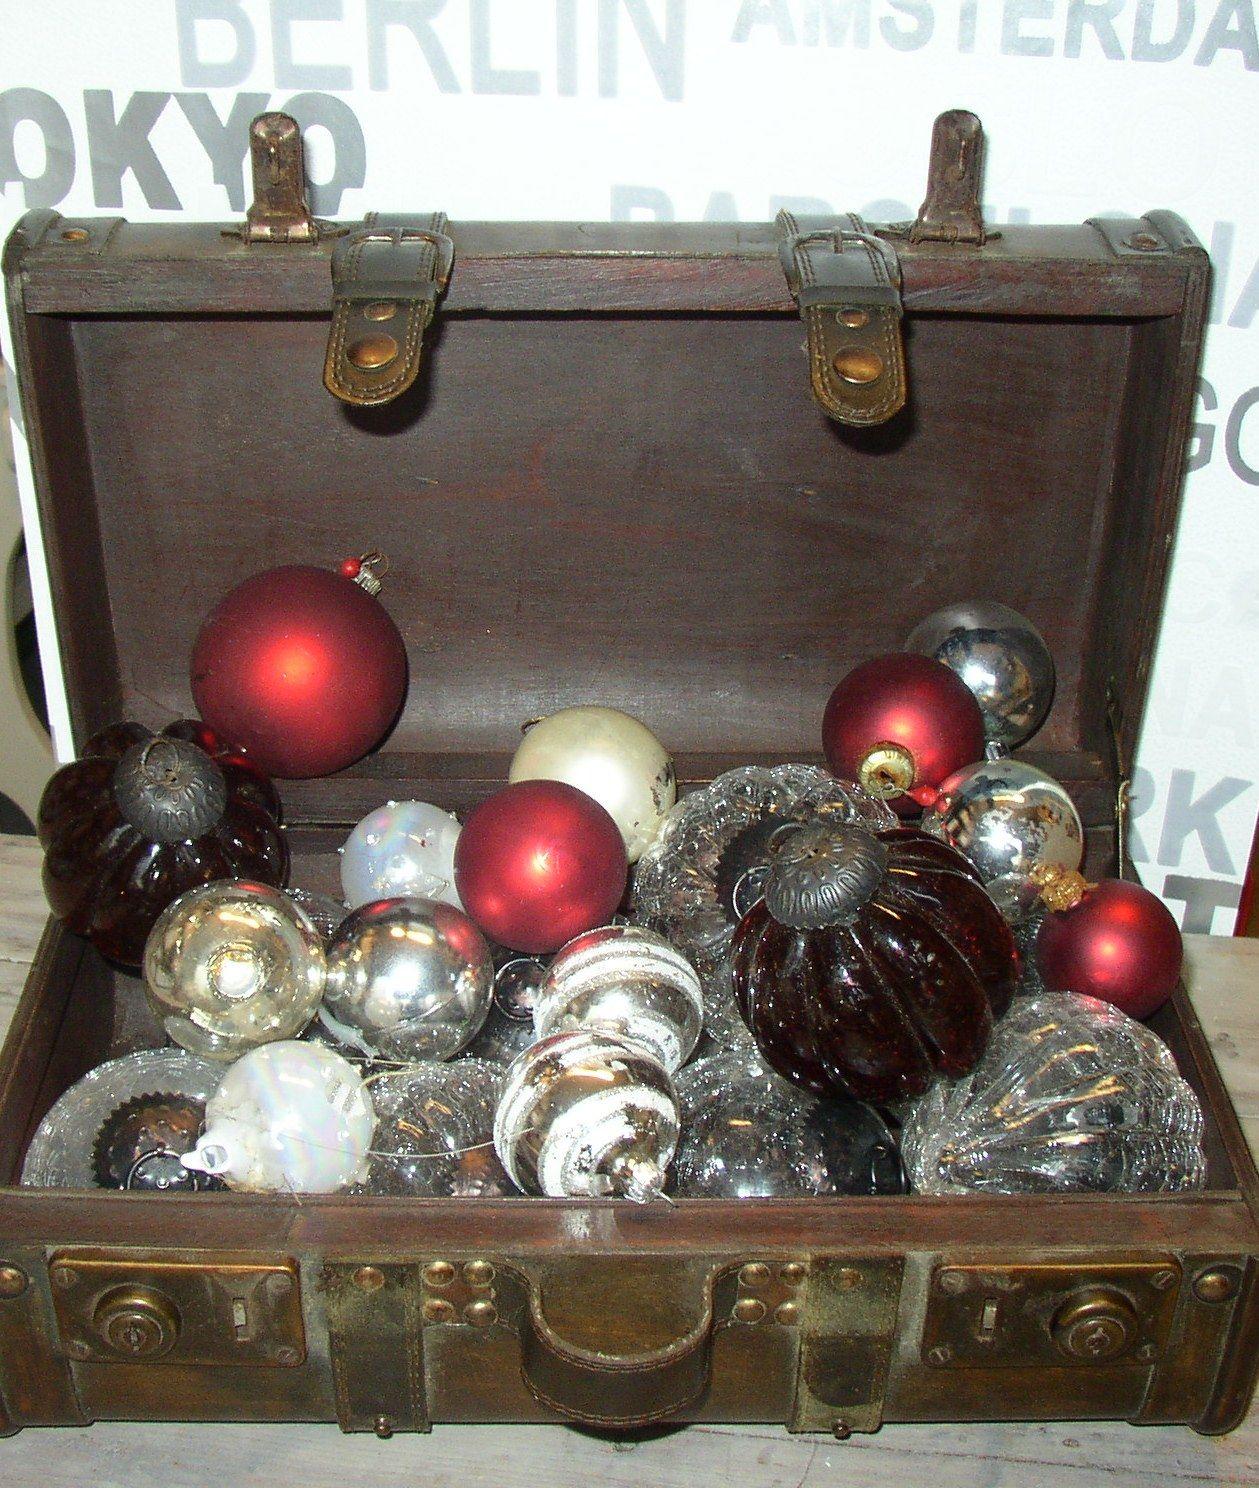 Een van de dingen die we in de kerstboom   hangen zijn mooie glimmende kerstballen, maar je kunt ze natuurlijk ook in een mooie houten koffer neerzetten.